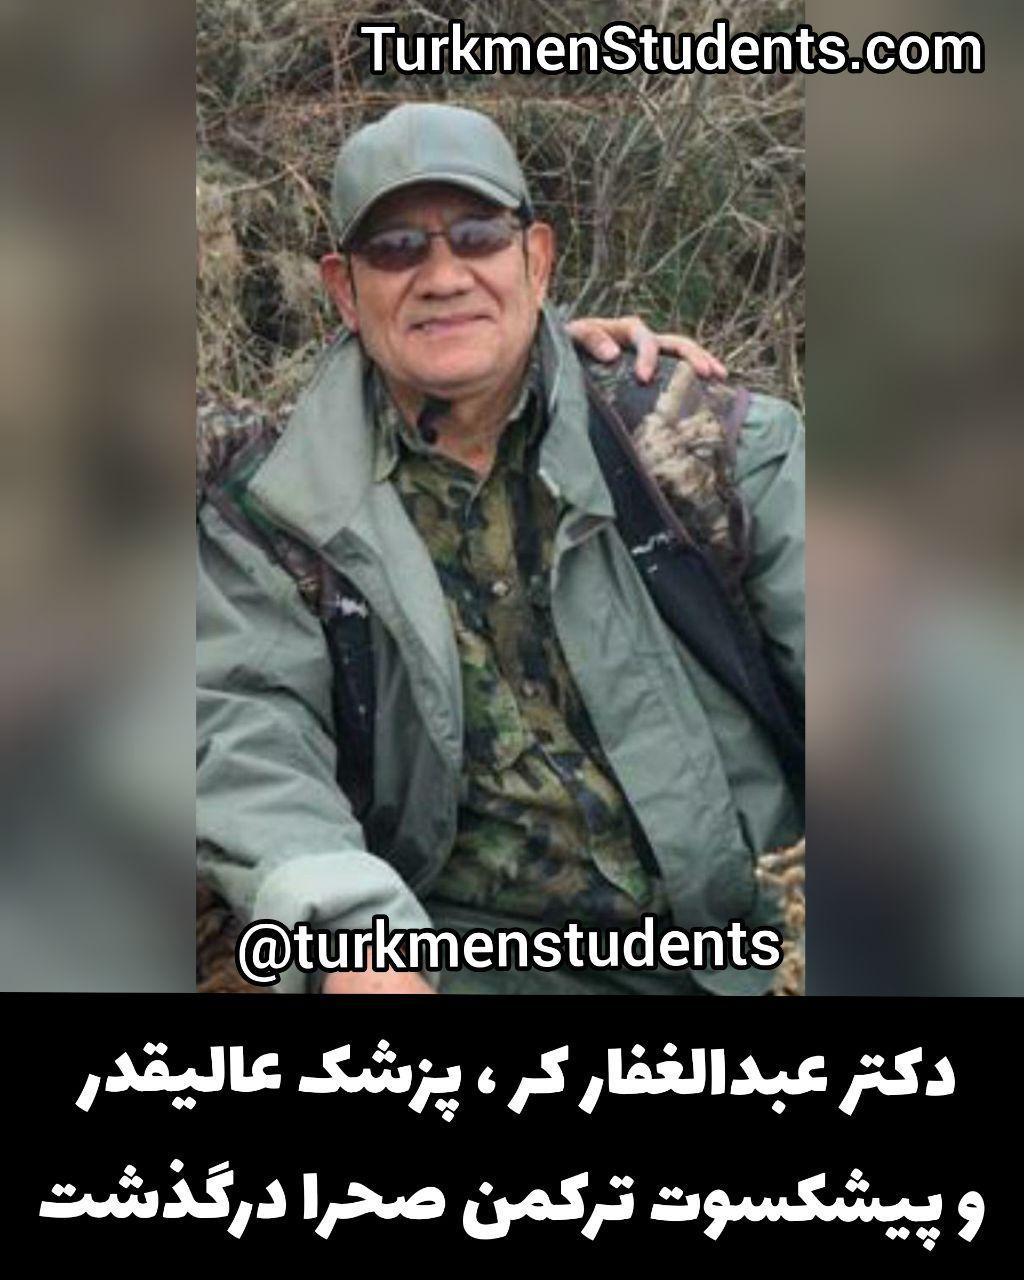 دکتر عبدالغفار کر، پزشک عالیقدر و پیشکسوت ترکمن صحرا درگذشت